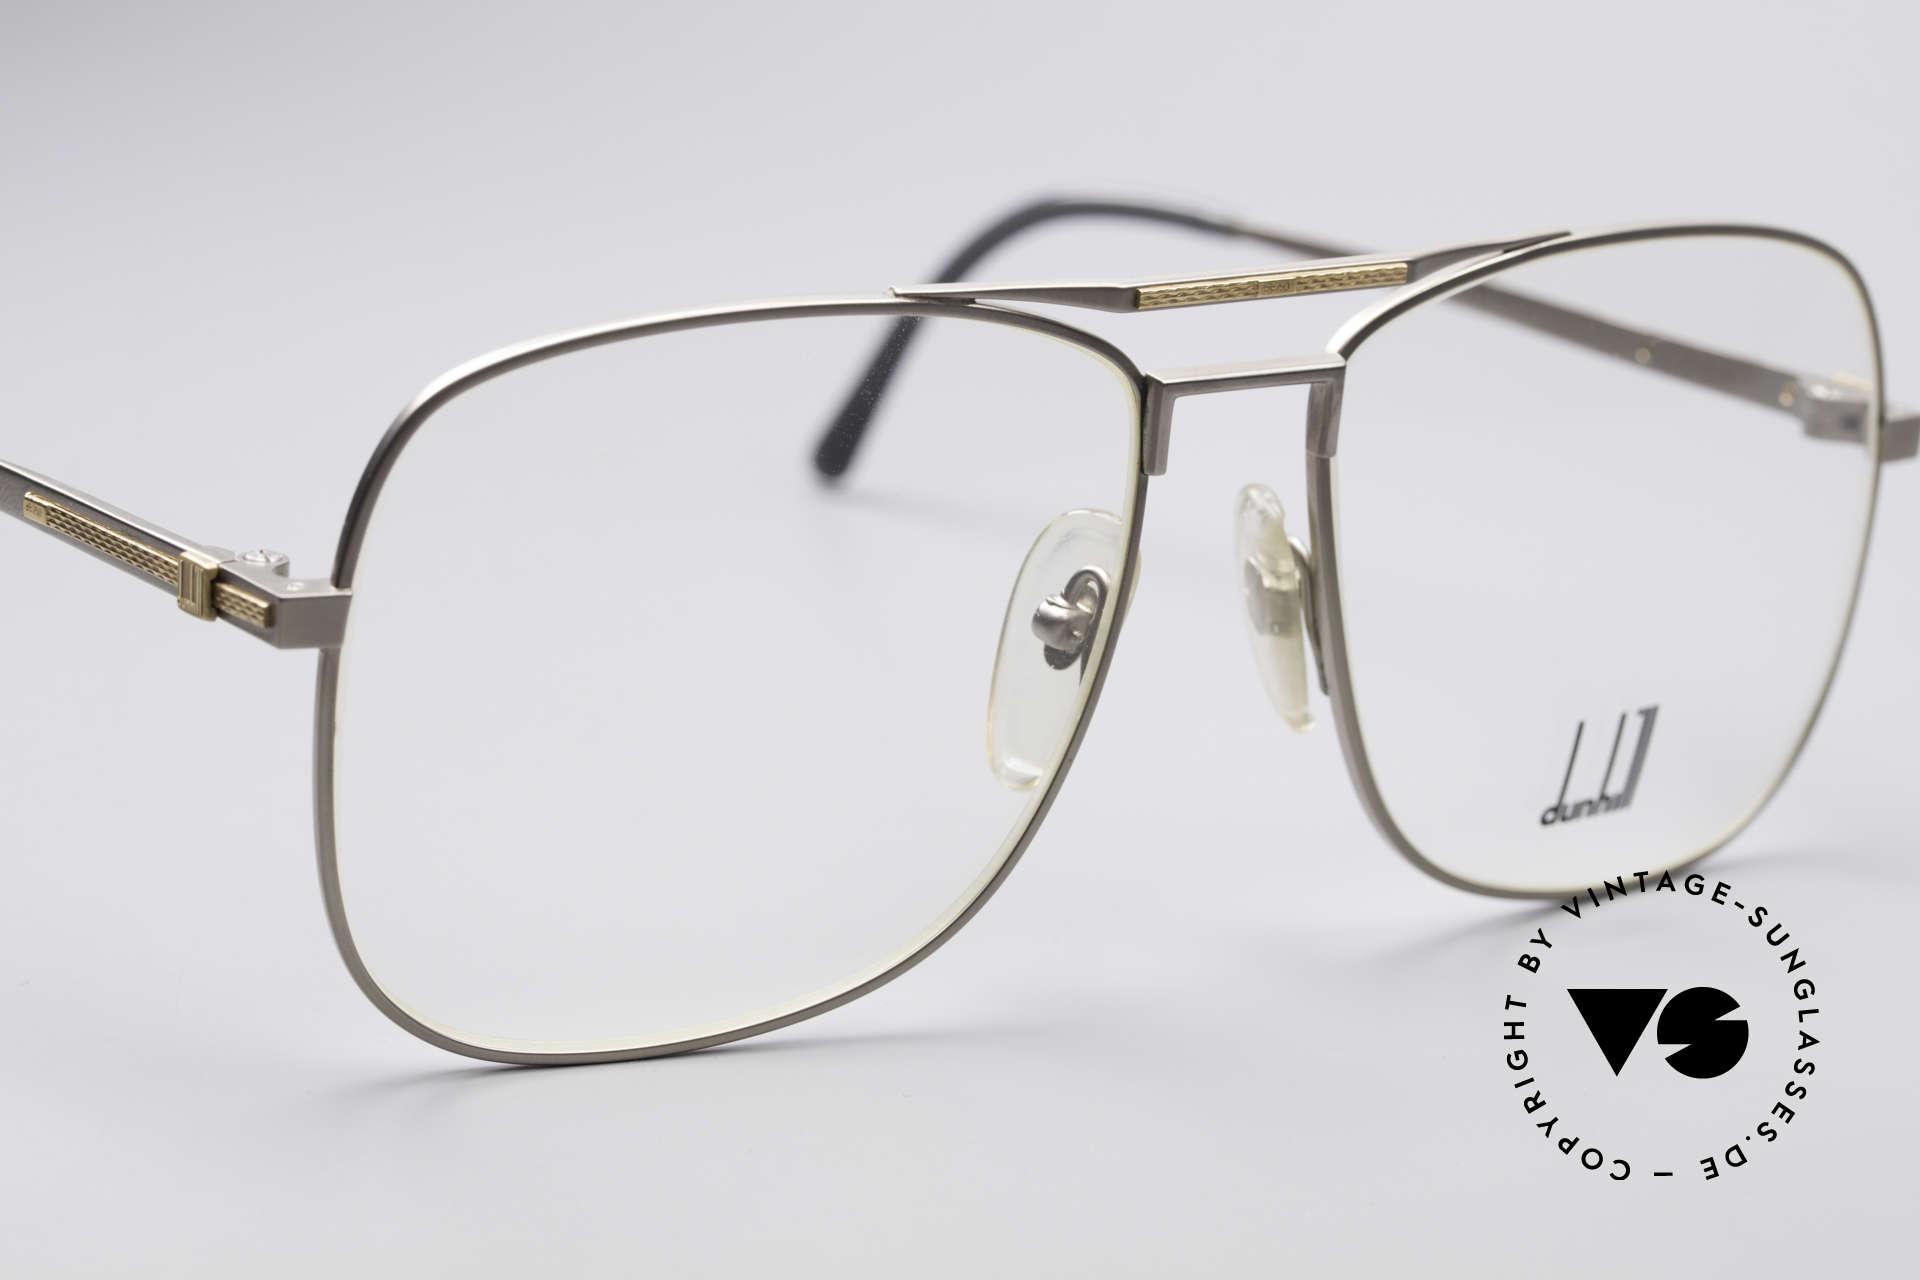 Dunhill 6038 18kt Gold Titanium Brille 80er, Fertigungskosten waren auch abhängig vom Goldpreis, Passend für Herren